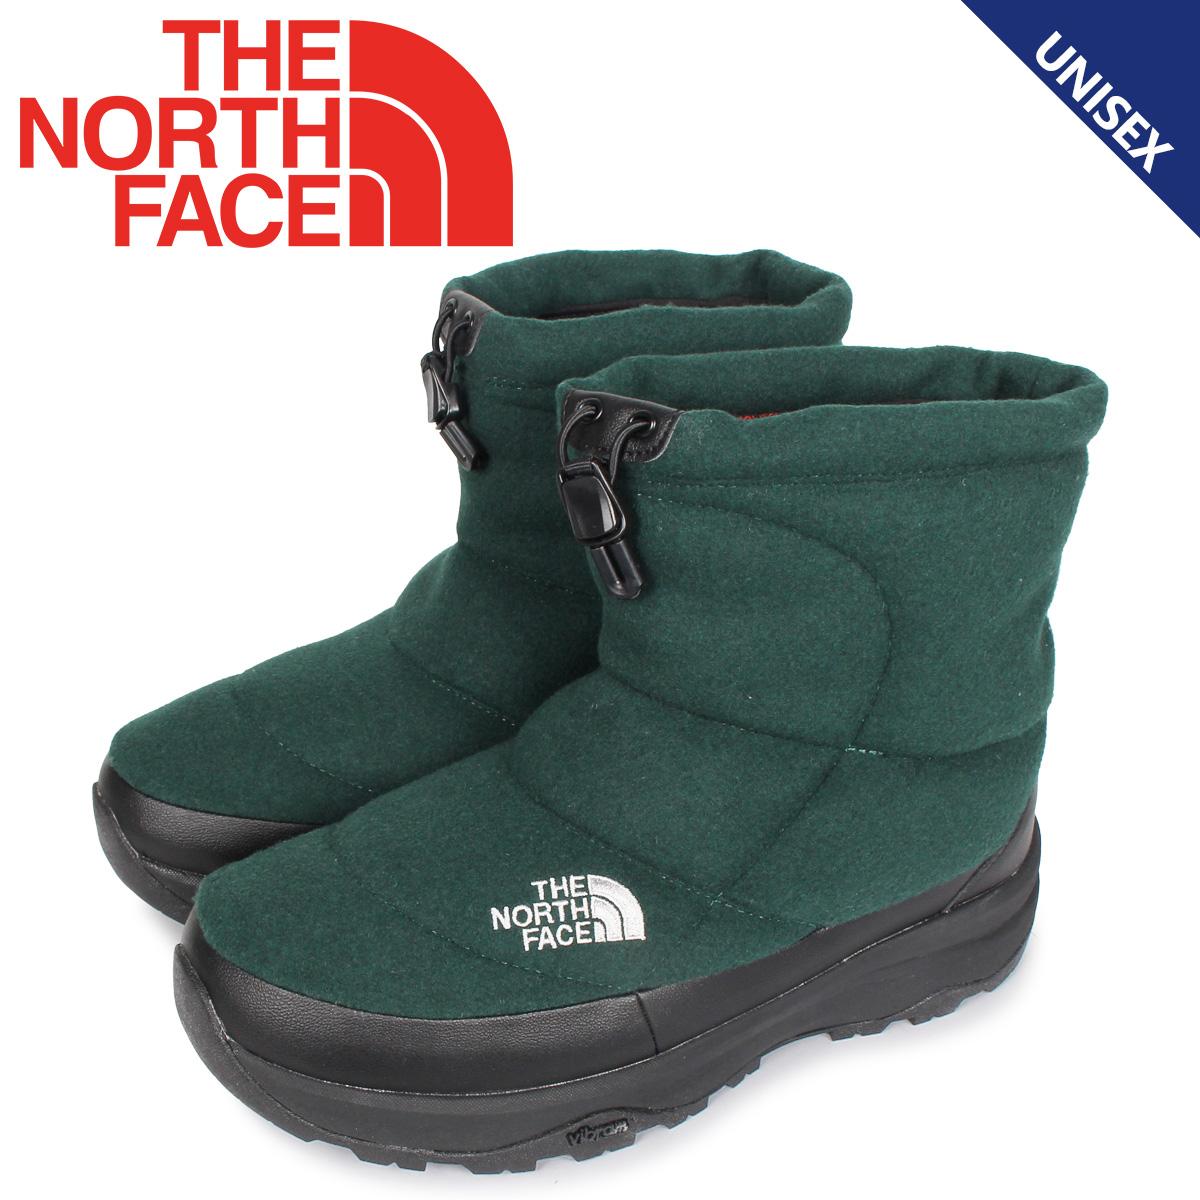 ノースフェイス THE NORTH FACE ヌプシ ブーティ ウール5 ショート ブーツ ウィンターブーツ メンズ レディース NUPTSE BOOTIE WOOL 5 SHORT グリーン NF51979